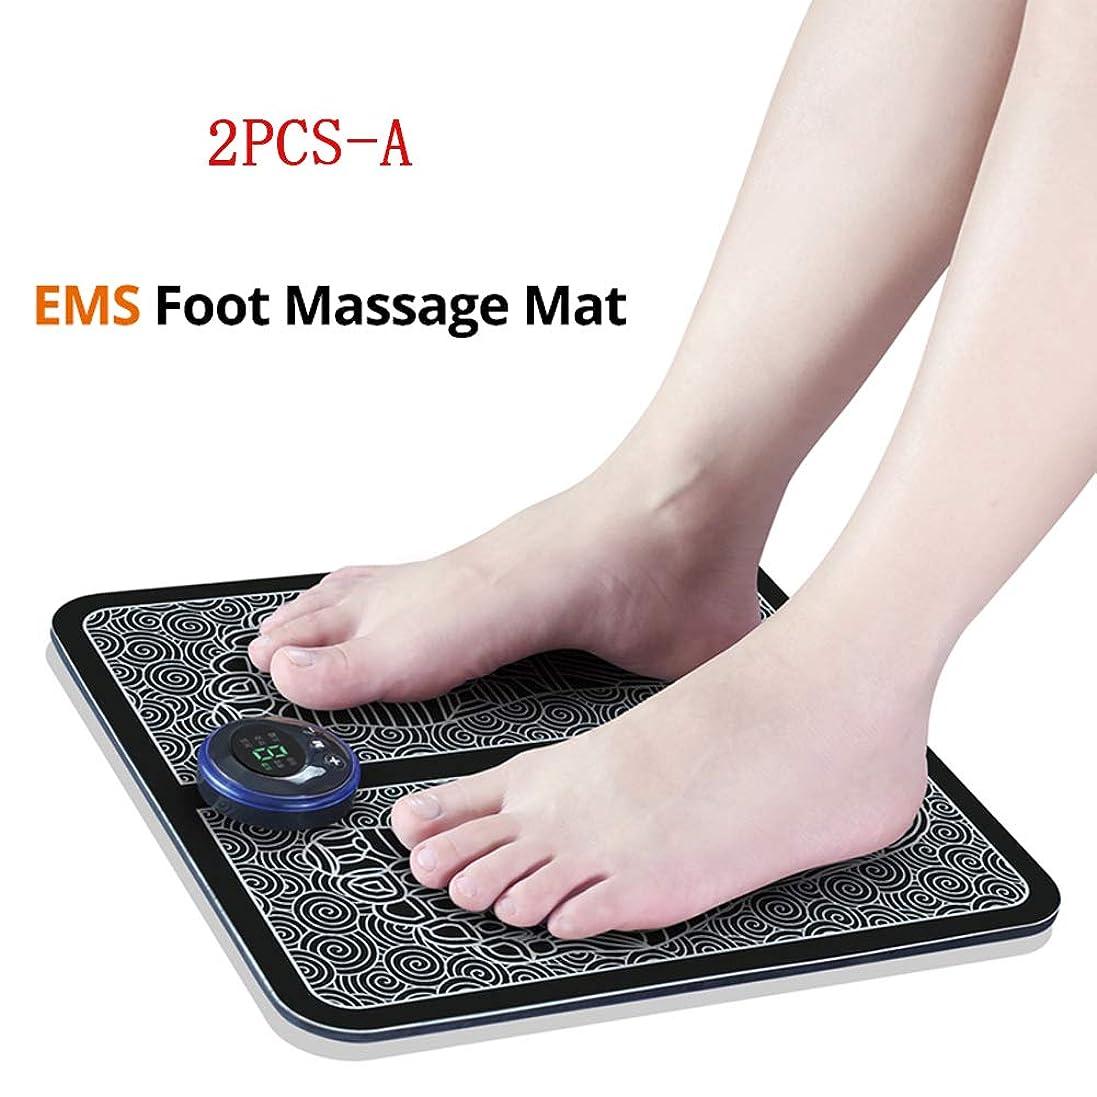 ピース支配的移行EMSスマートフットマッサージパッド、フットマッサージャー、足指圧療法、血液循環の促進、筋肉痛の緩和、男性と女性用、2個,A